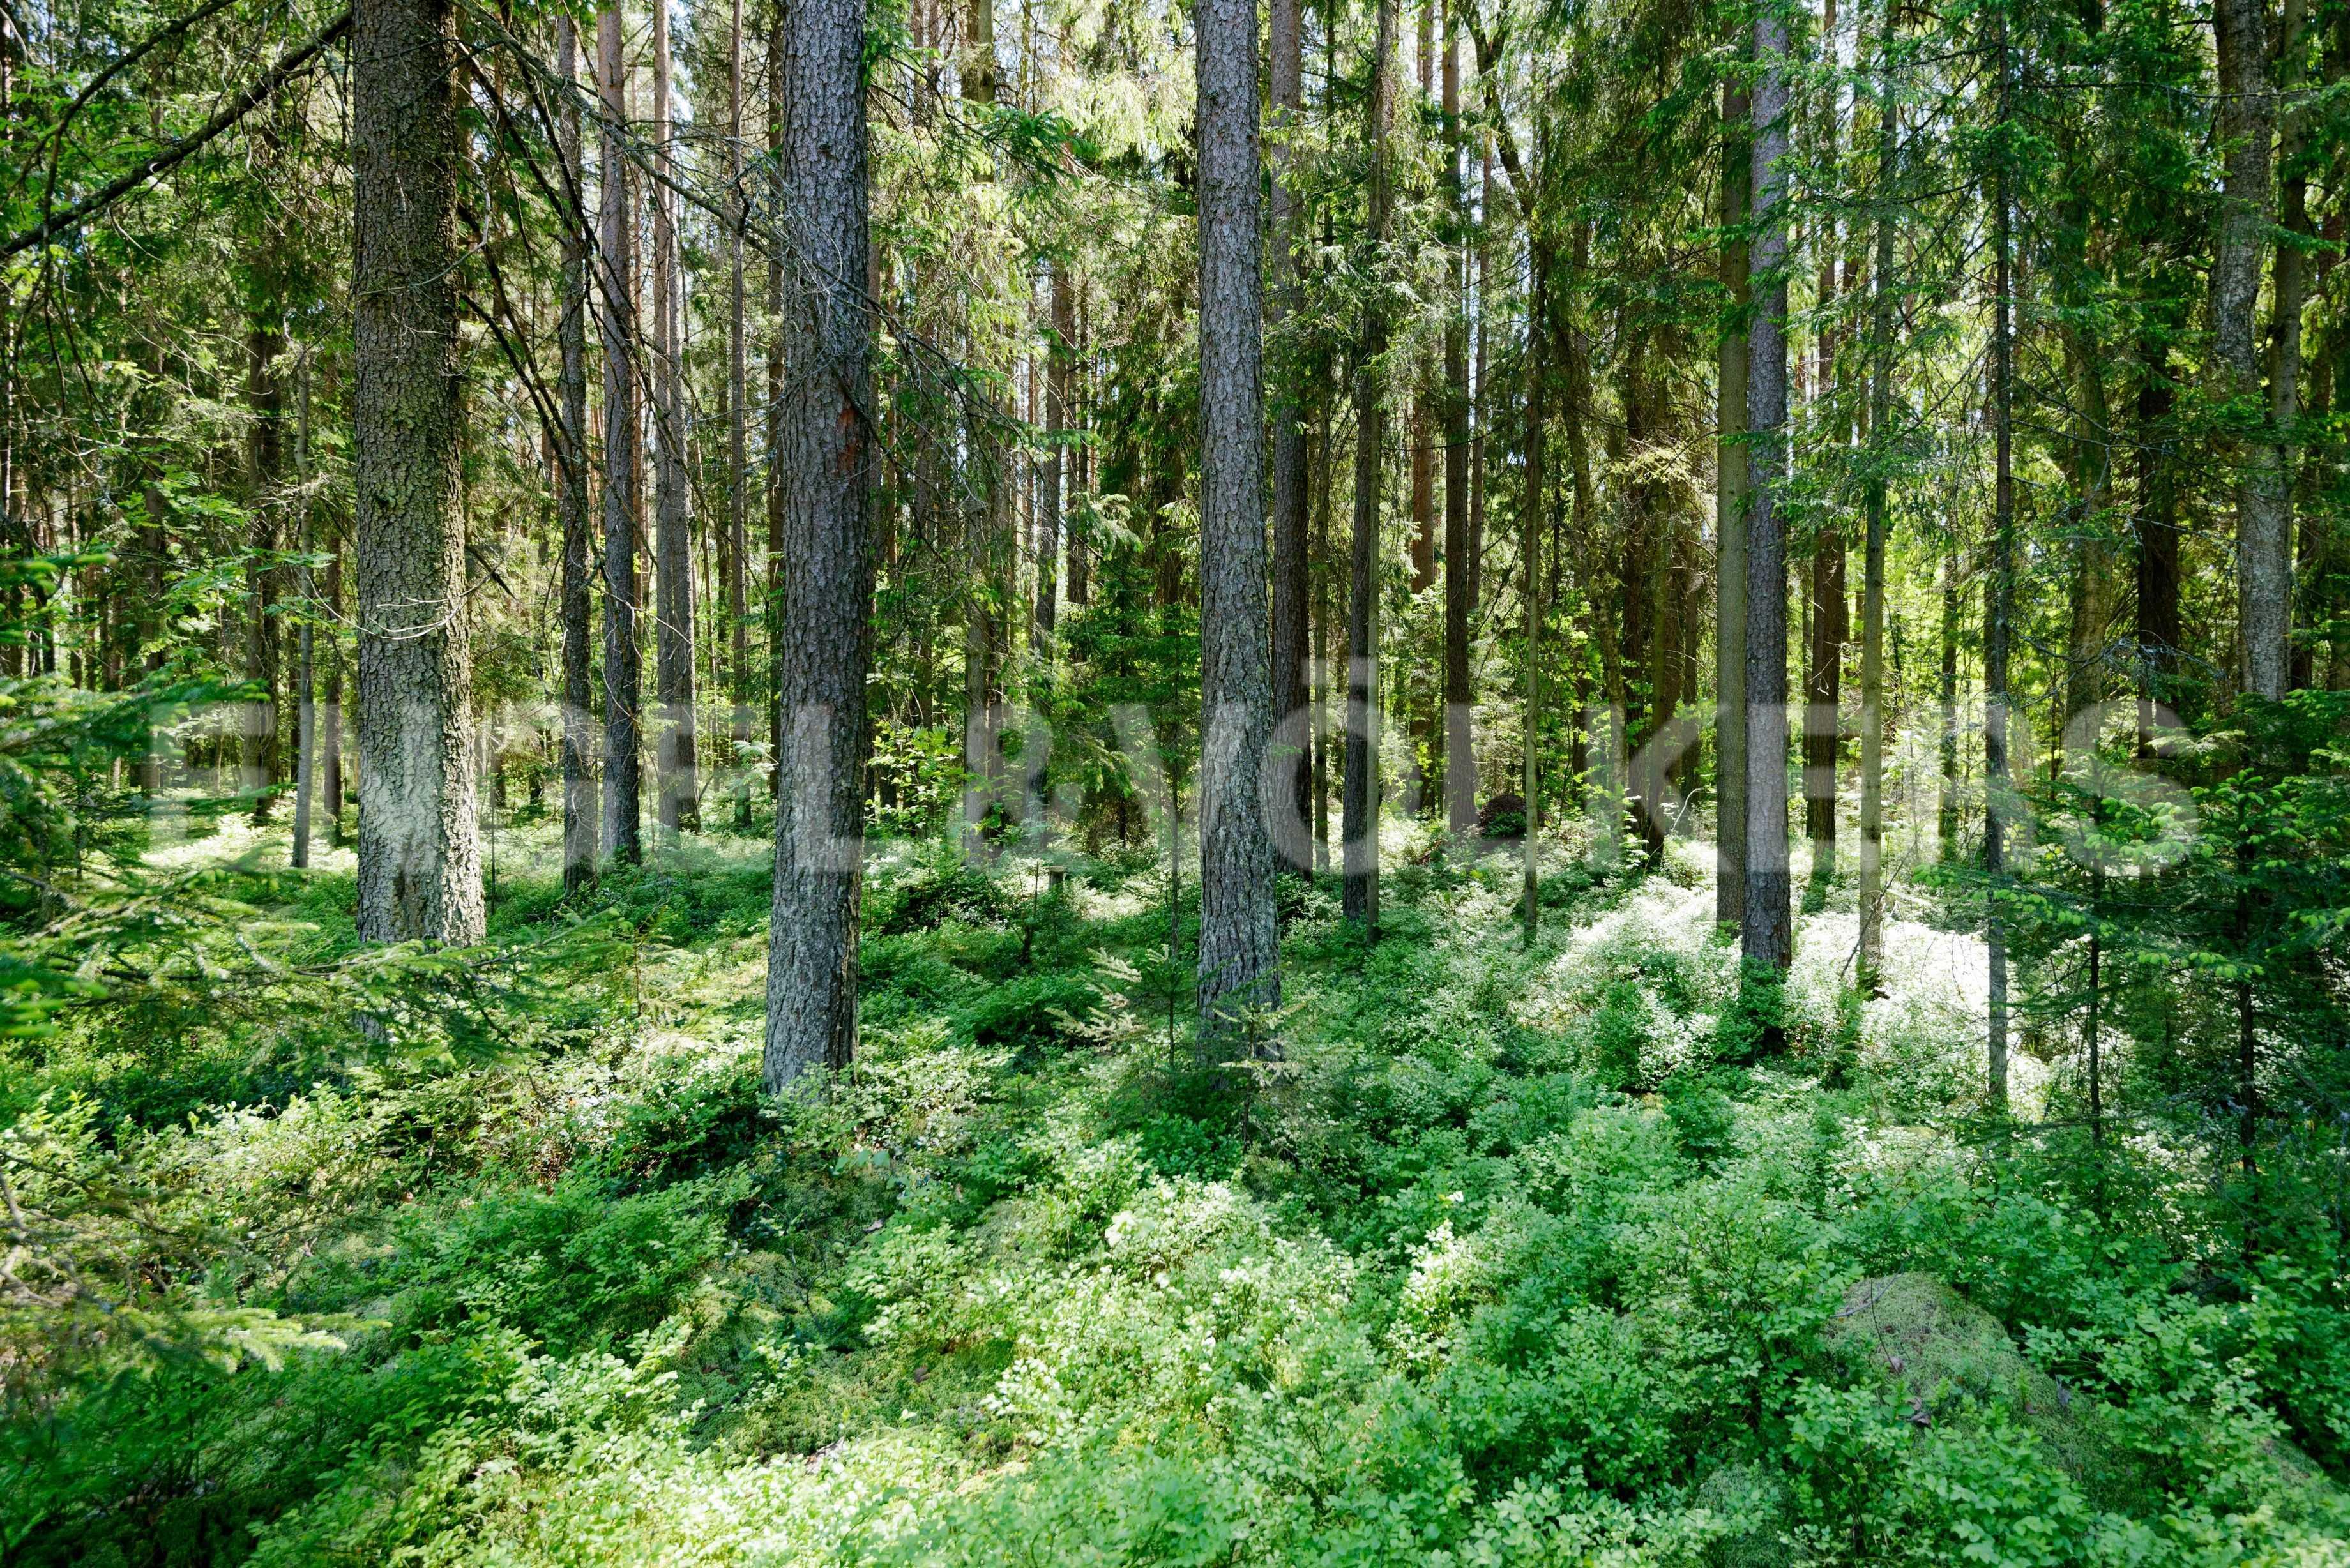 Элитные квартиры в Курортном районе. Санкт-Петербург, п. Комарово. Сосновый лес